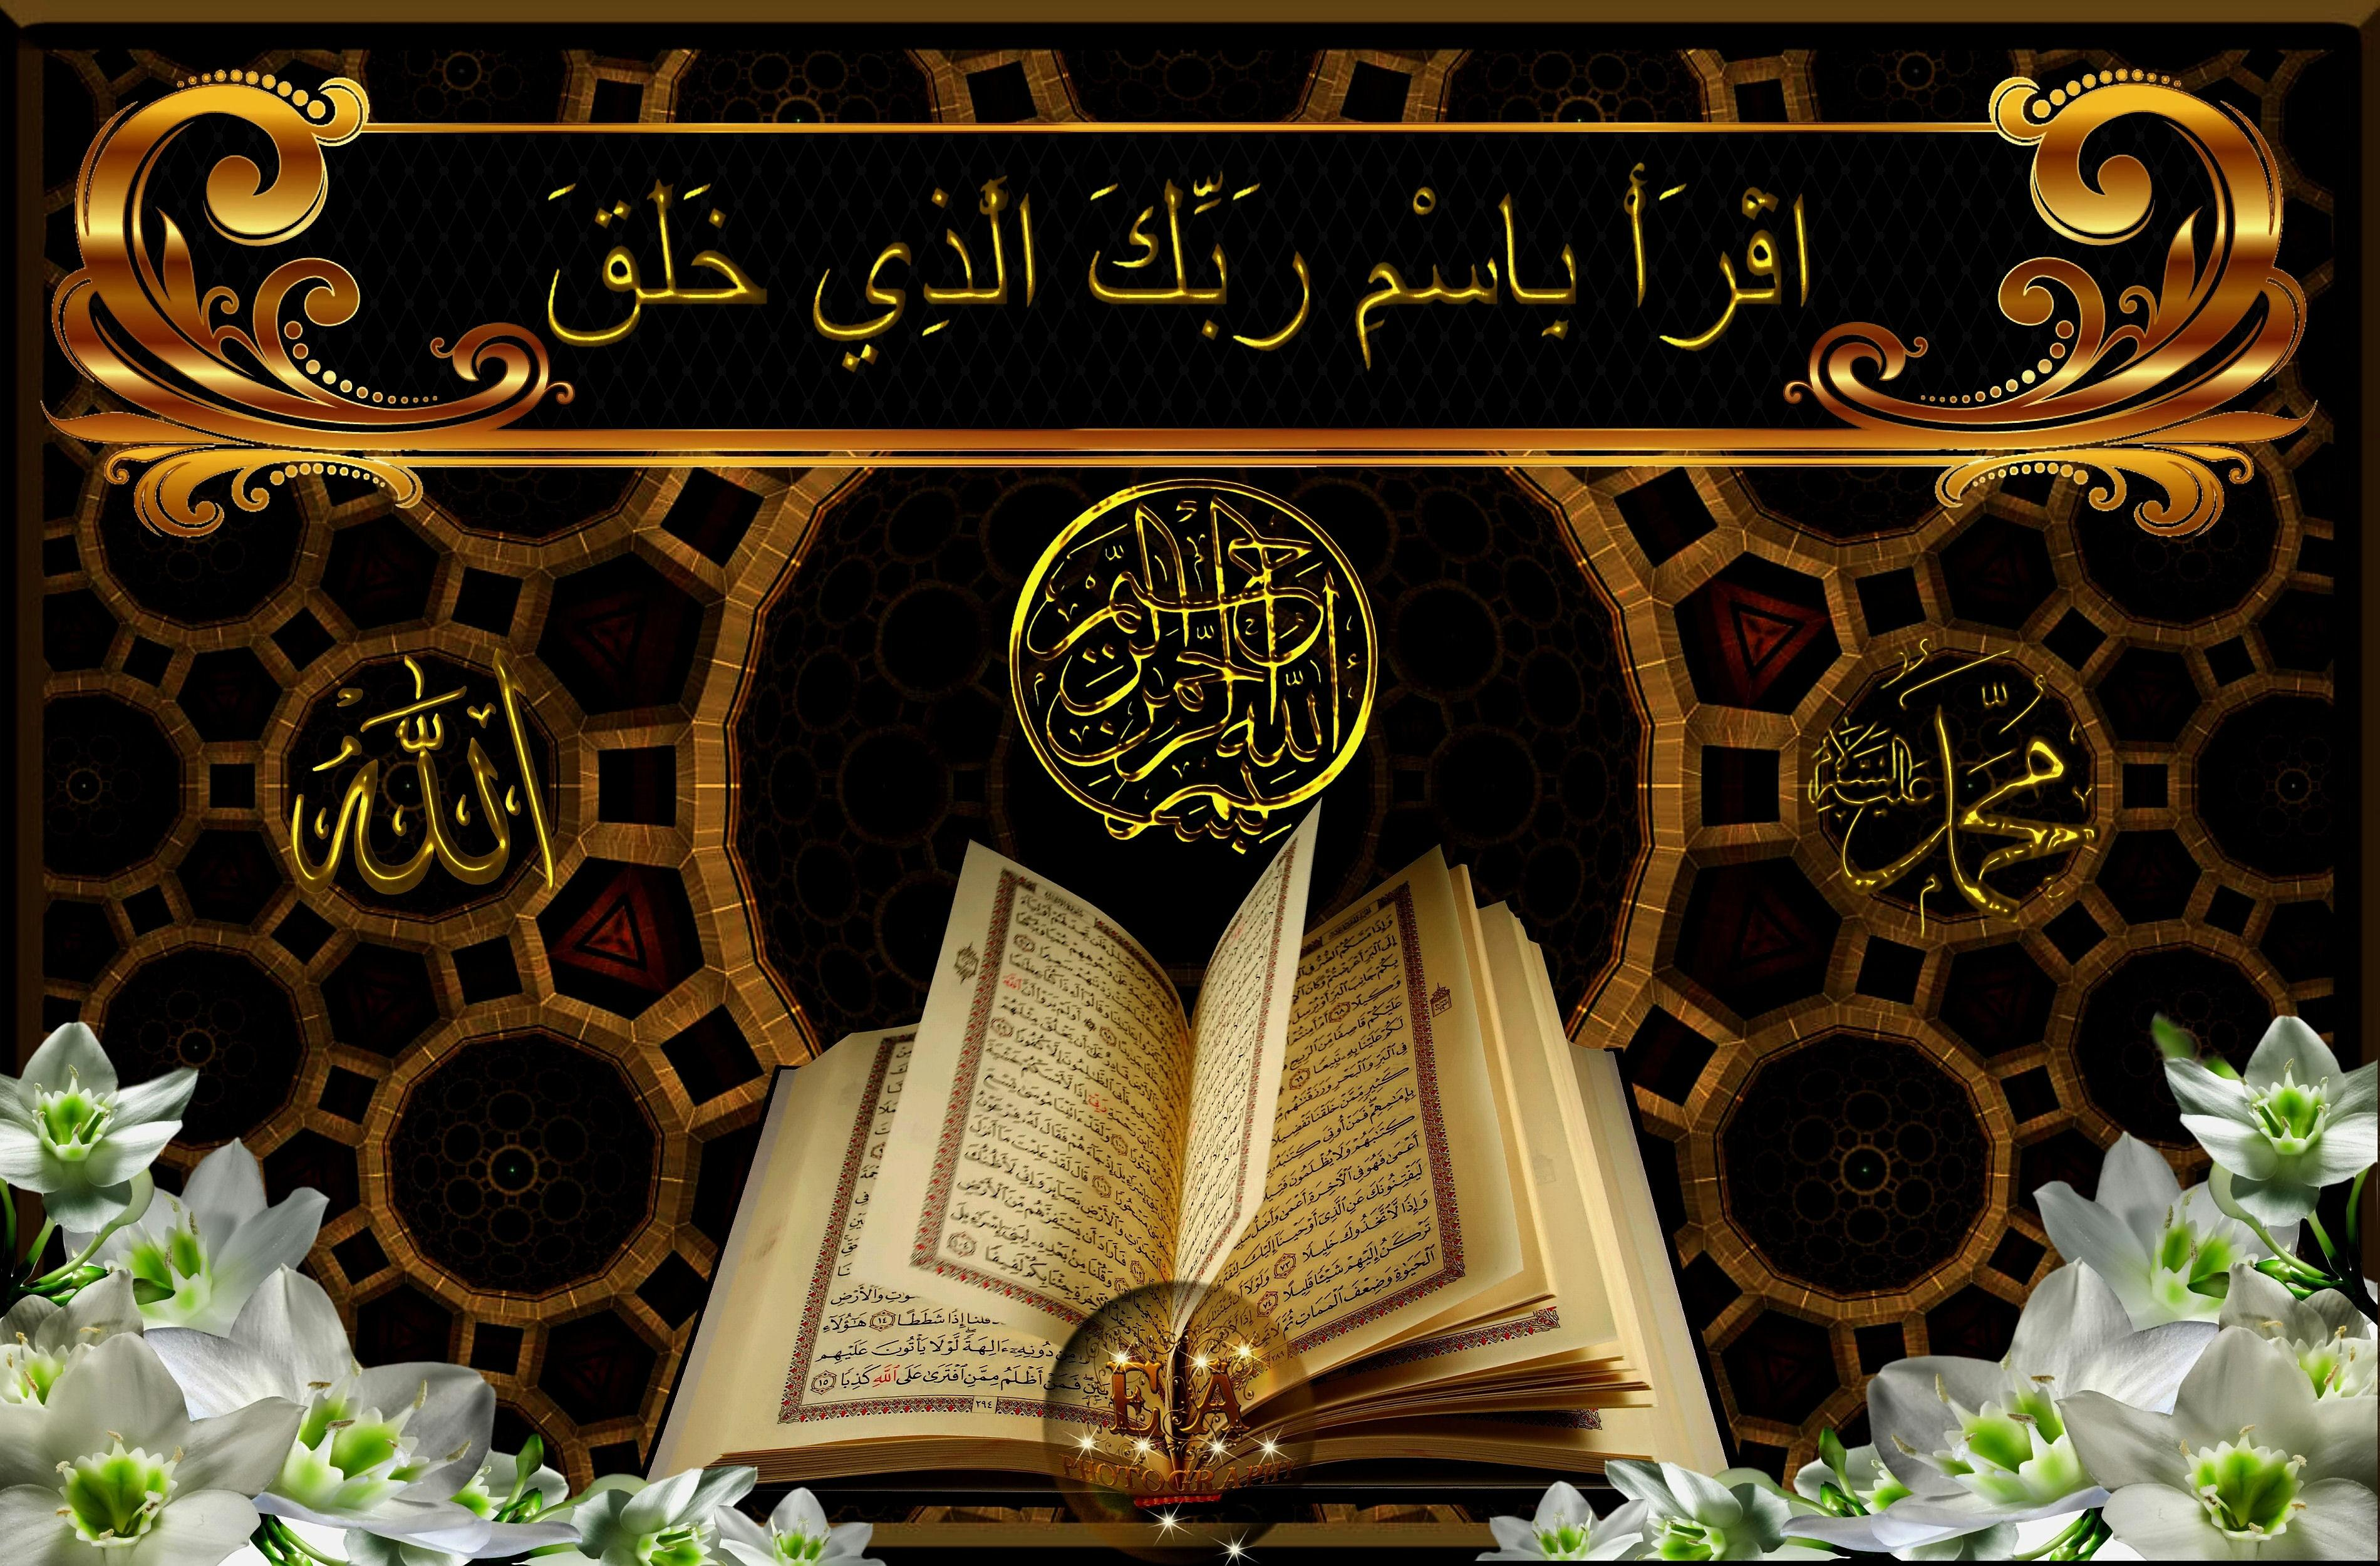 173 1730395 hd 3d wallpaper islamic